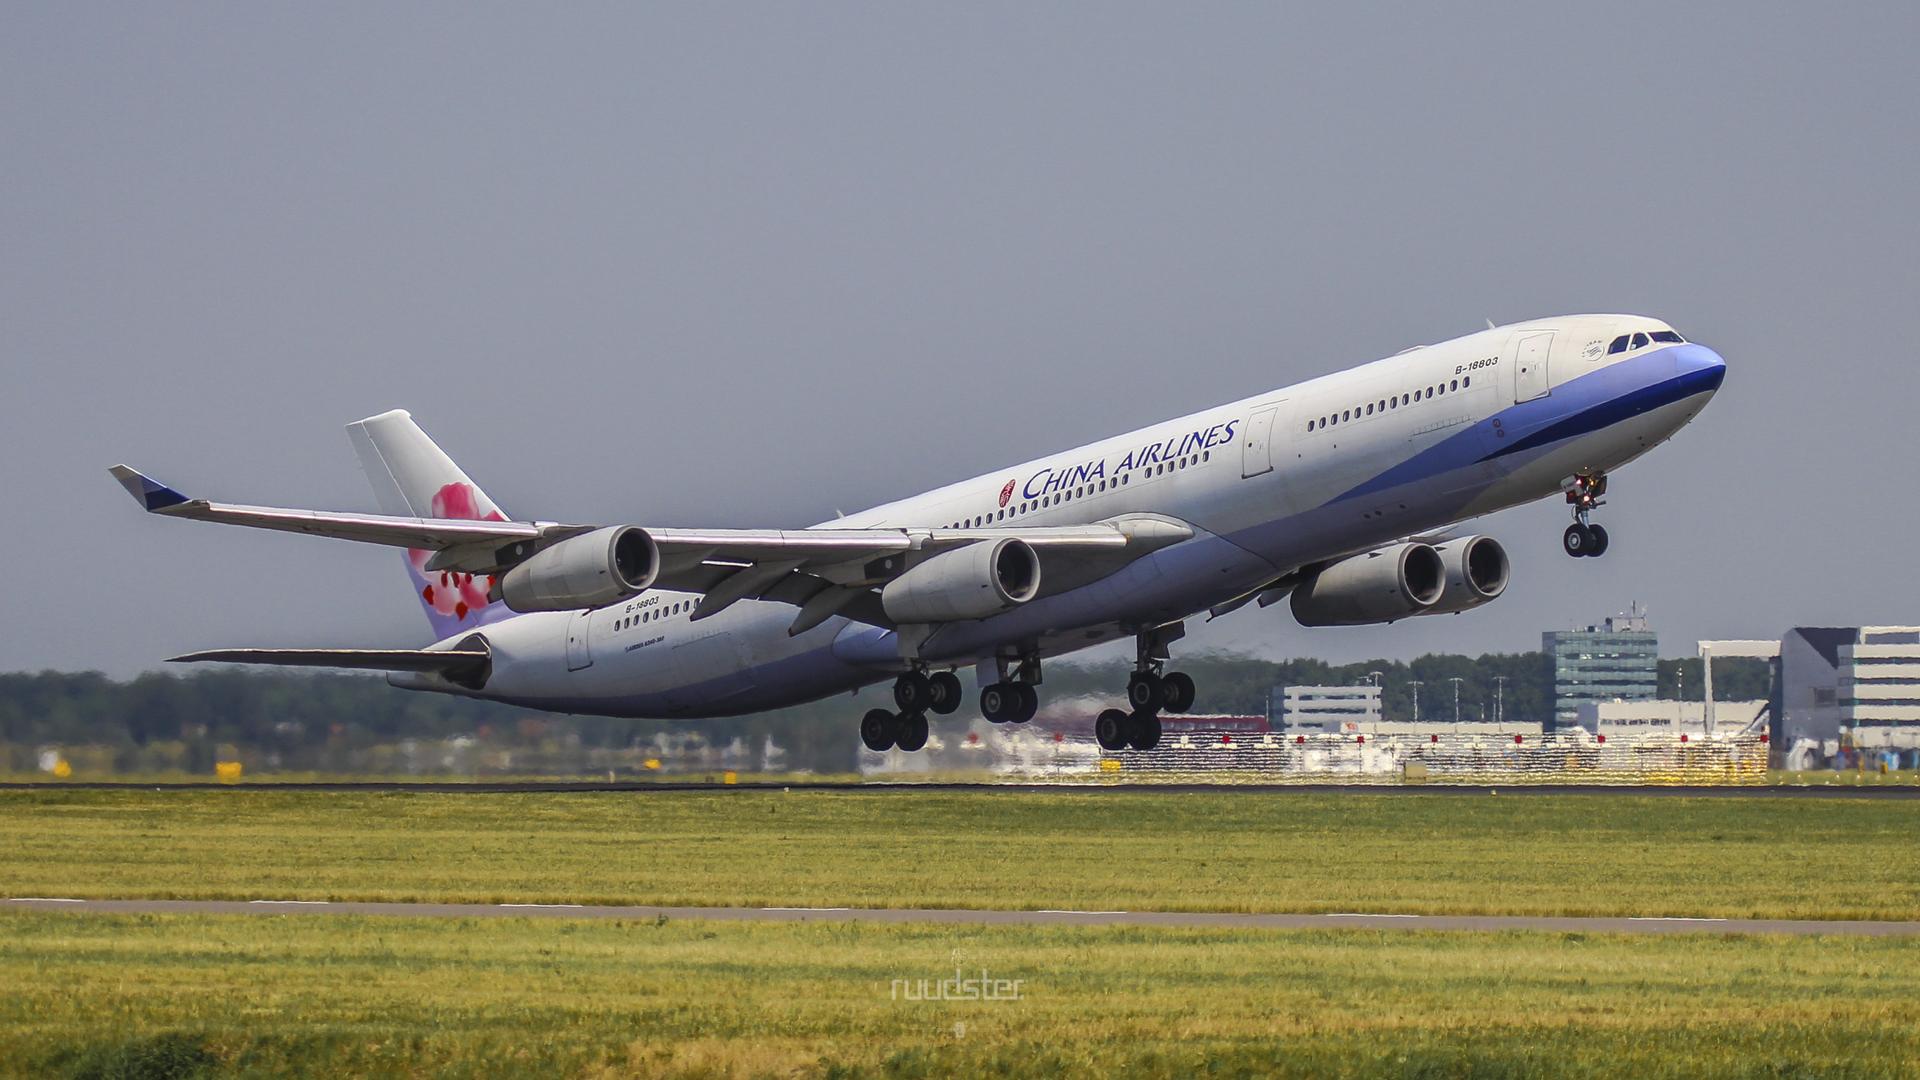 B-18803 | Build: 2001 - Airbus A340-300